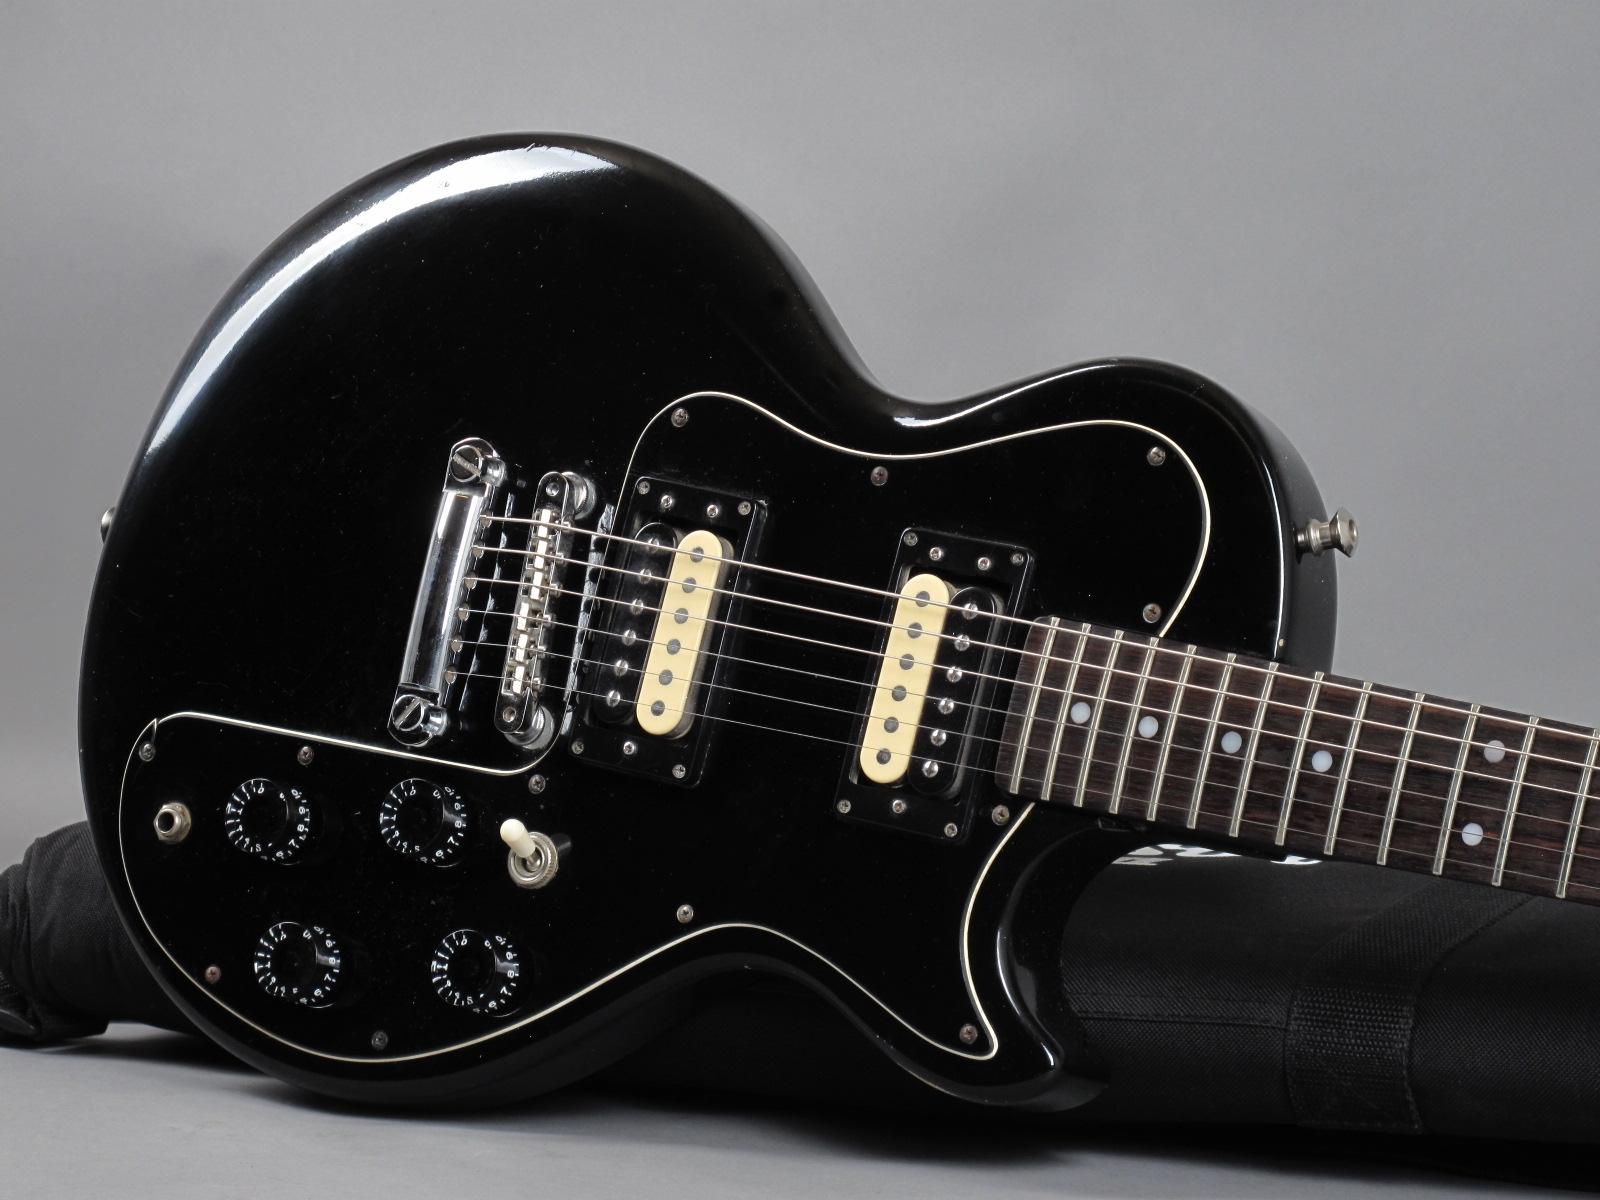 https://guitarpoint.de/app/uploads/products/1981-gibson-sonex-180-deluxe-black/1981-Gibson-Sonex-180-Deluxe-Black-82581668_19.jpg